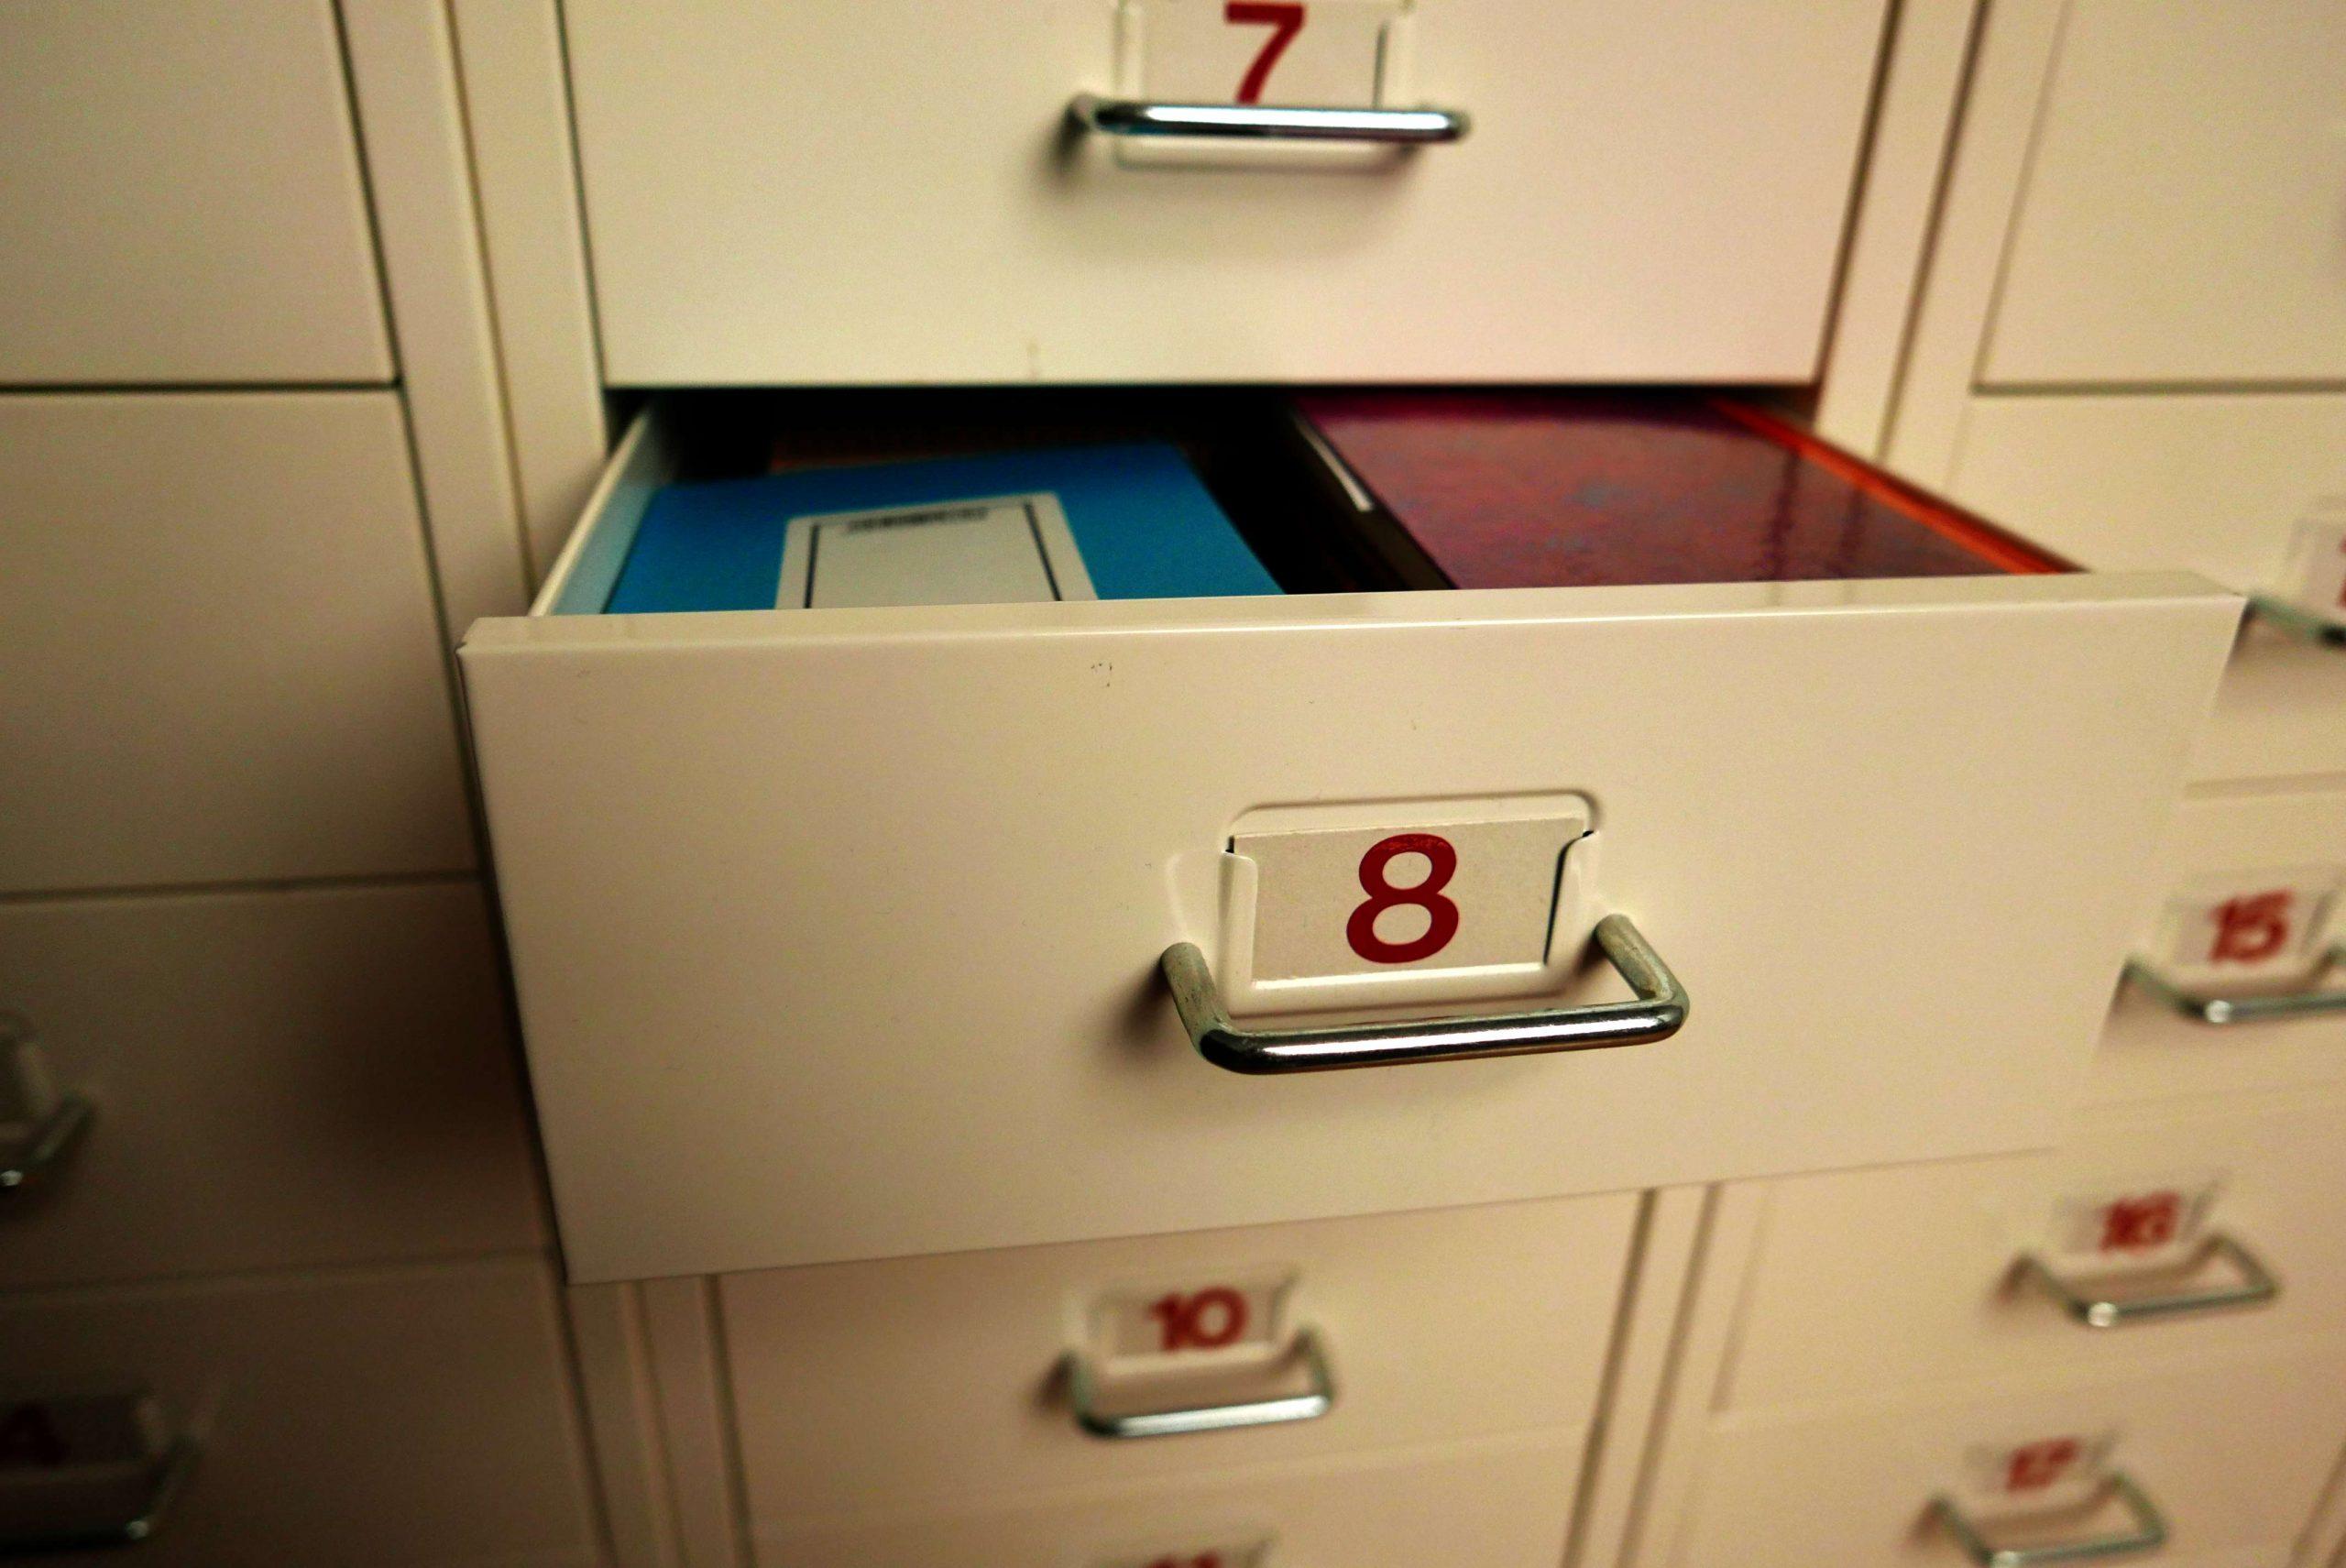 Schublade Nr 8 aus einem Schrank ausgezogen